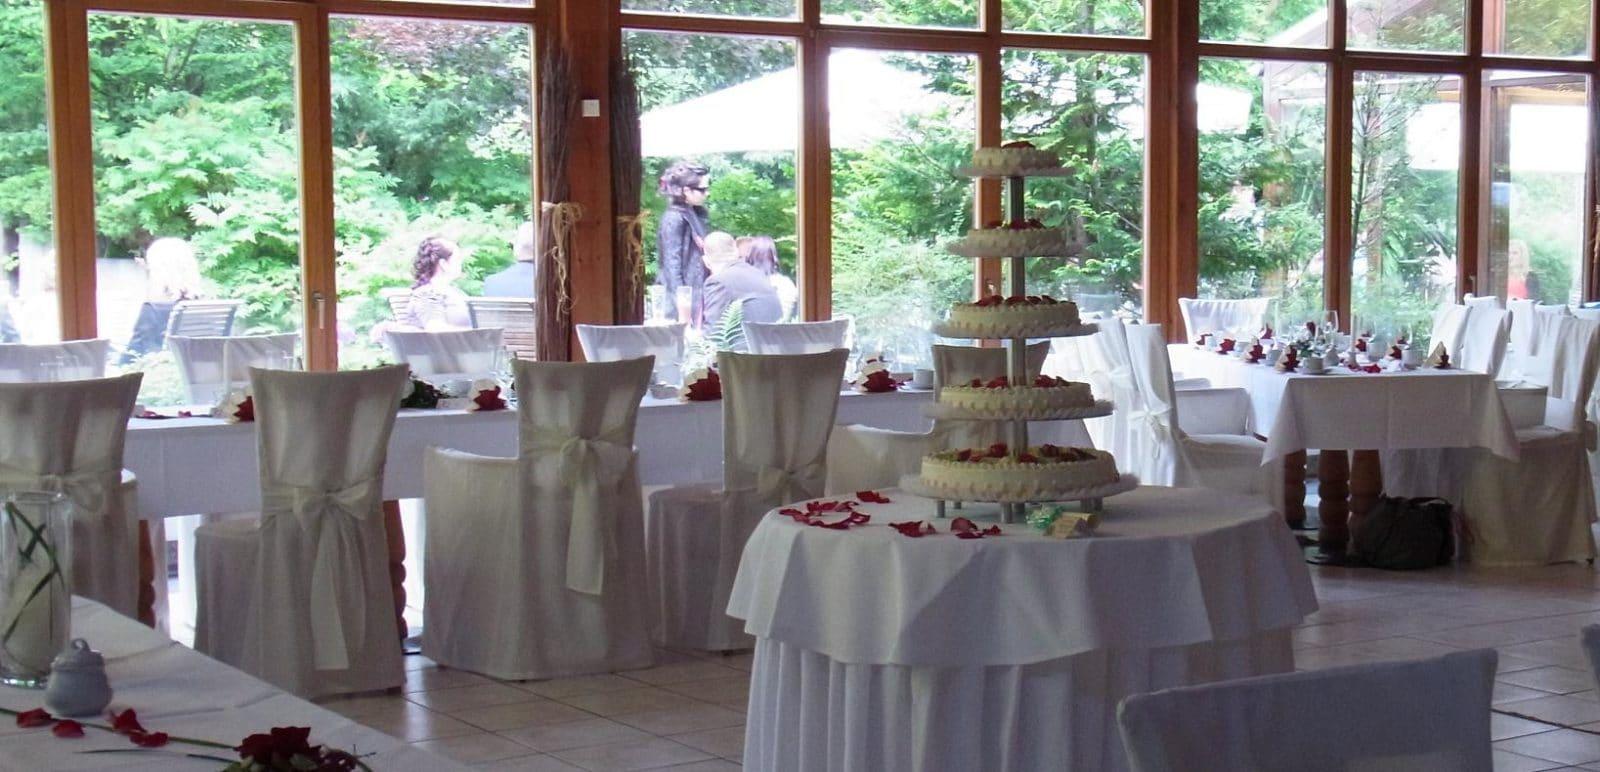 Hochzeit im Hotel & Restaurant Bock in Limbach-Oberfrohna ...